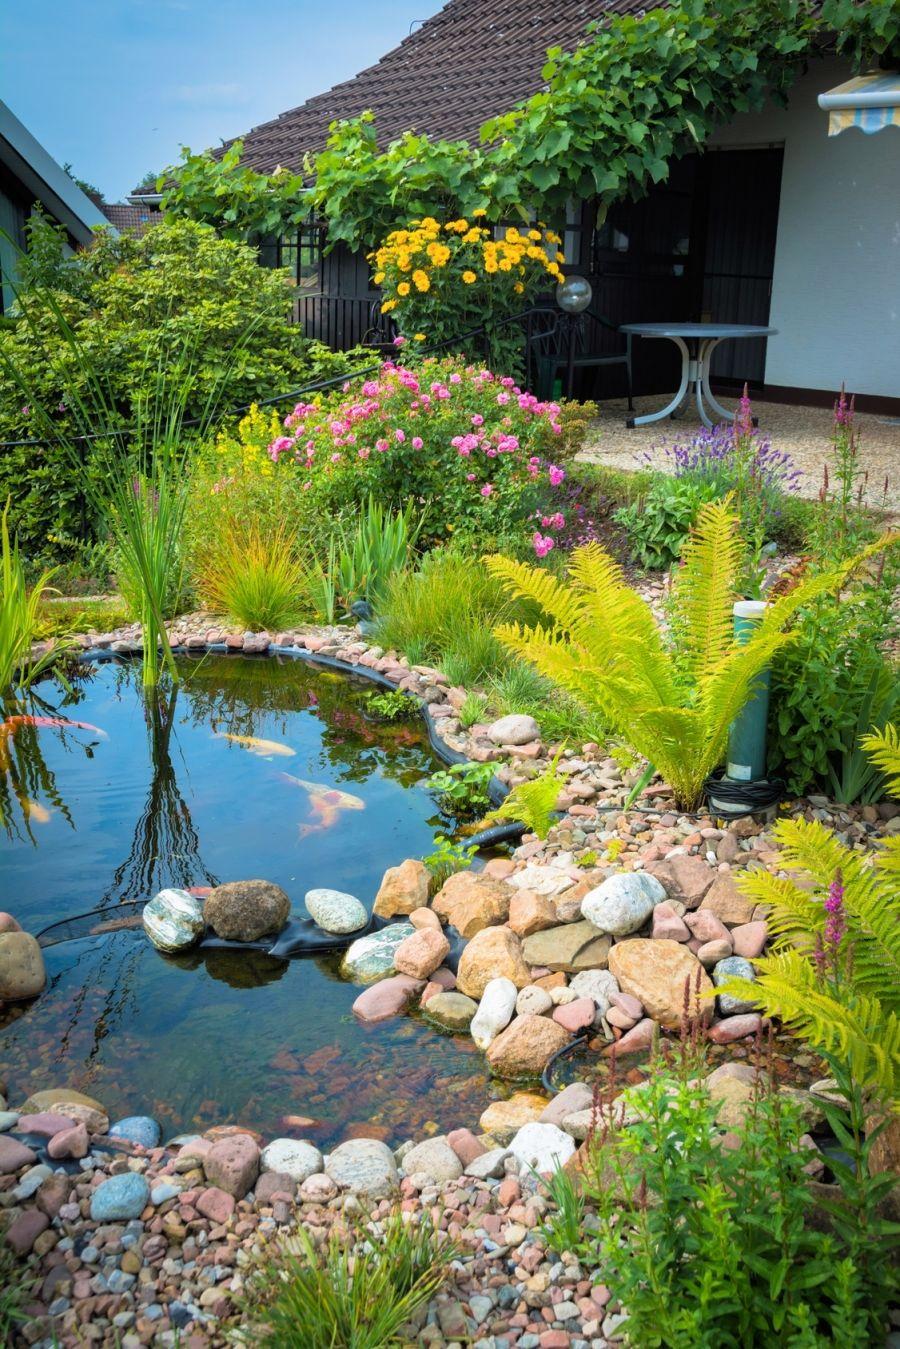 Gartenteich reinigen   bitte Teichlebewesen berücksichtigen   Gartenteich